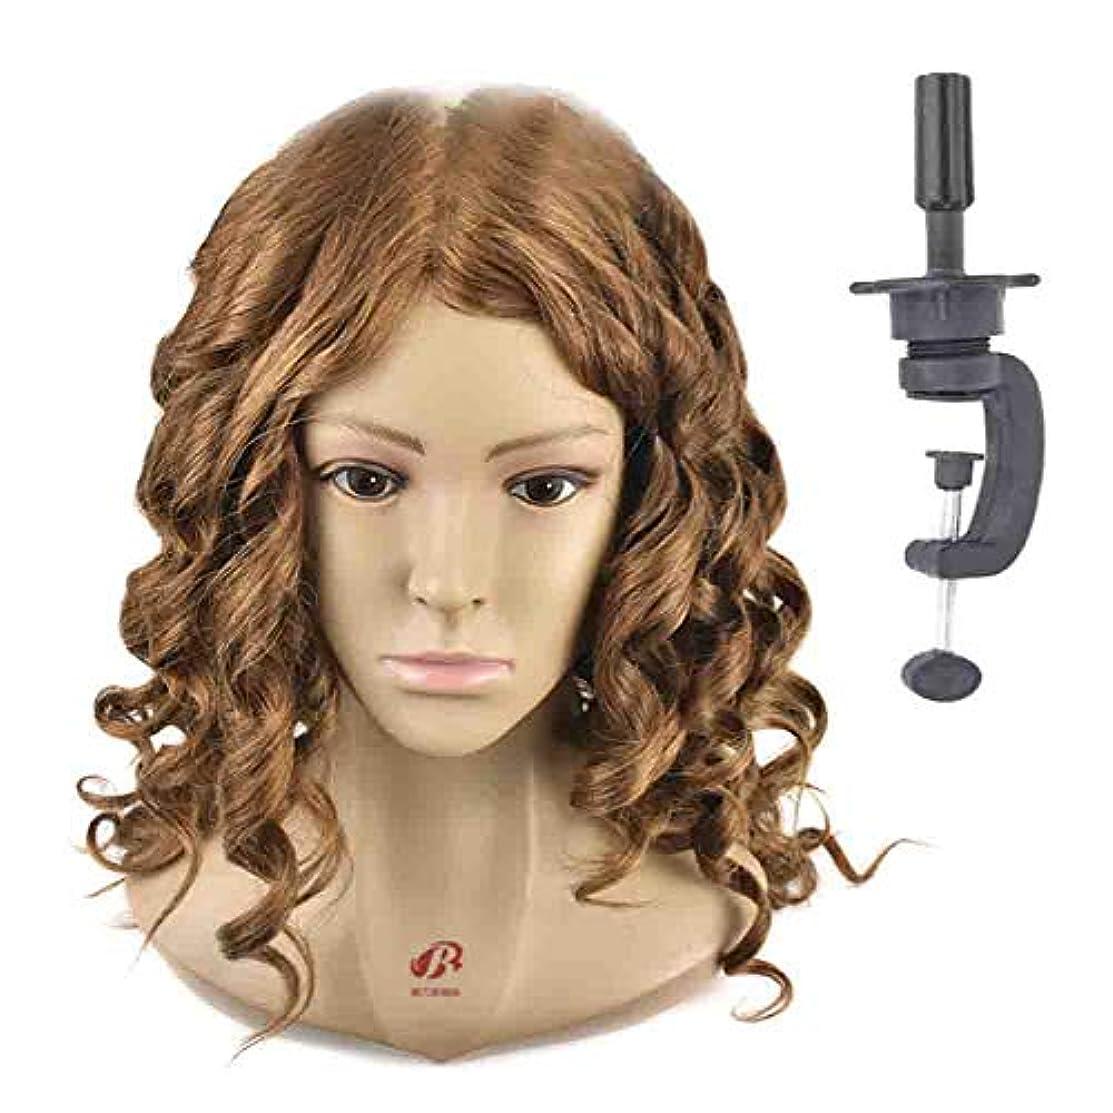 仮定する作成者北西ヘアマネキンヘッド練習ディスク髪編組ヘッドモデル理髪店学校教育かつらヘッドバンドブラケット